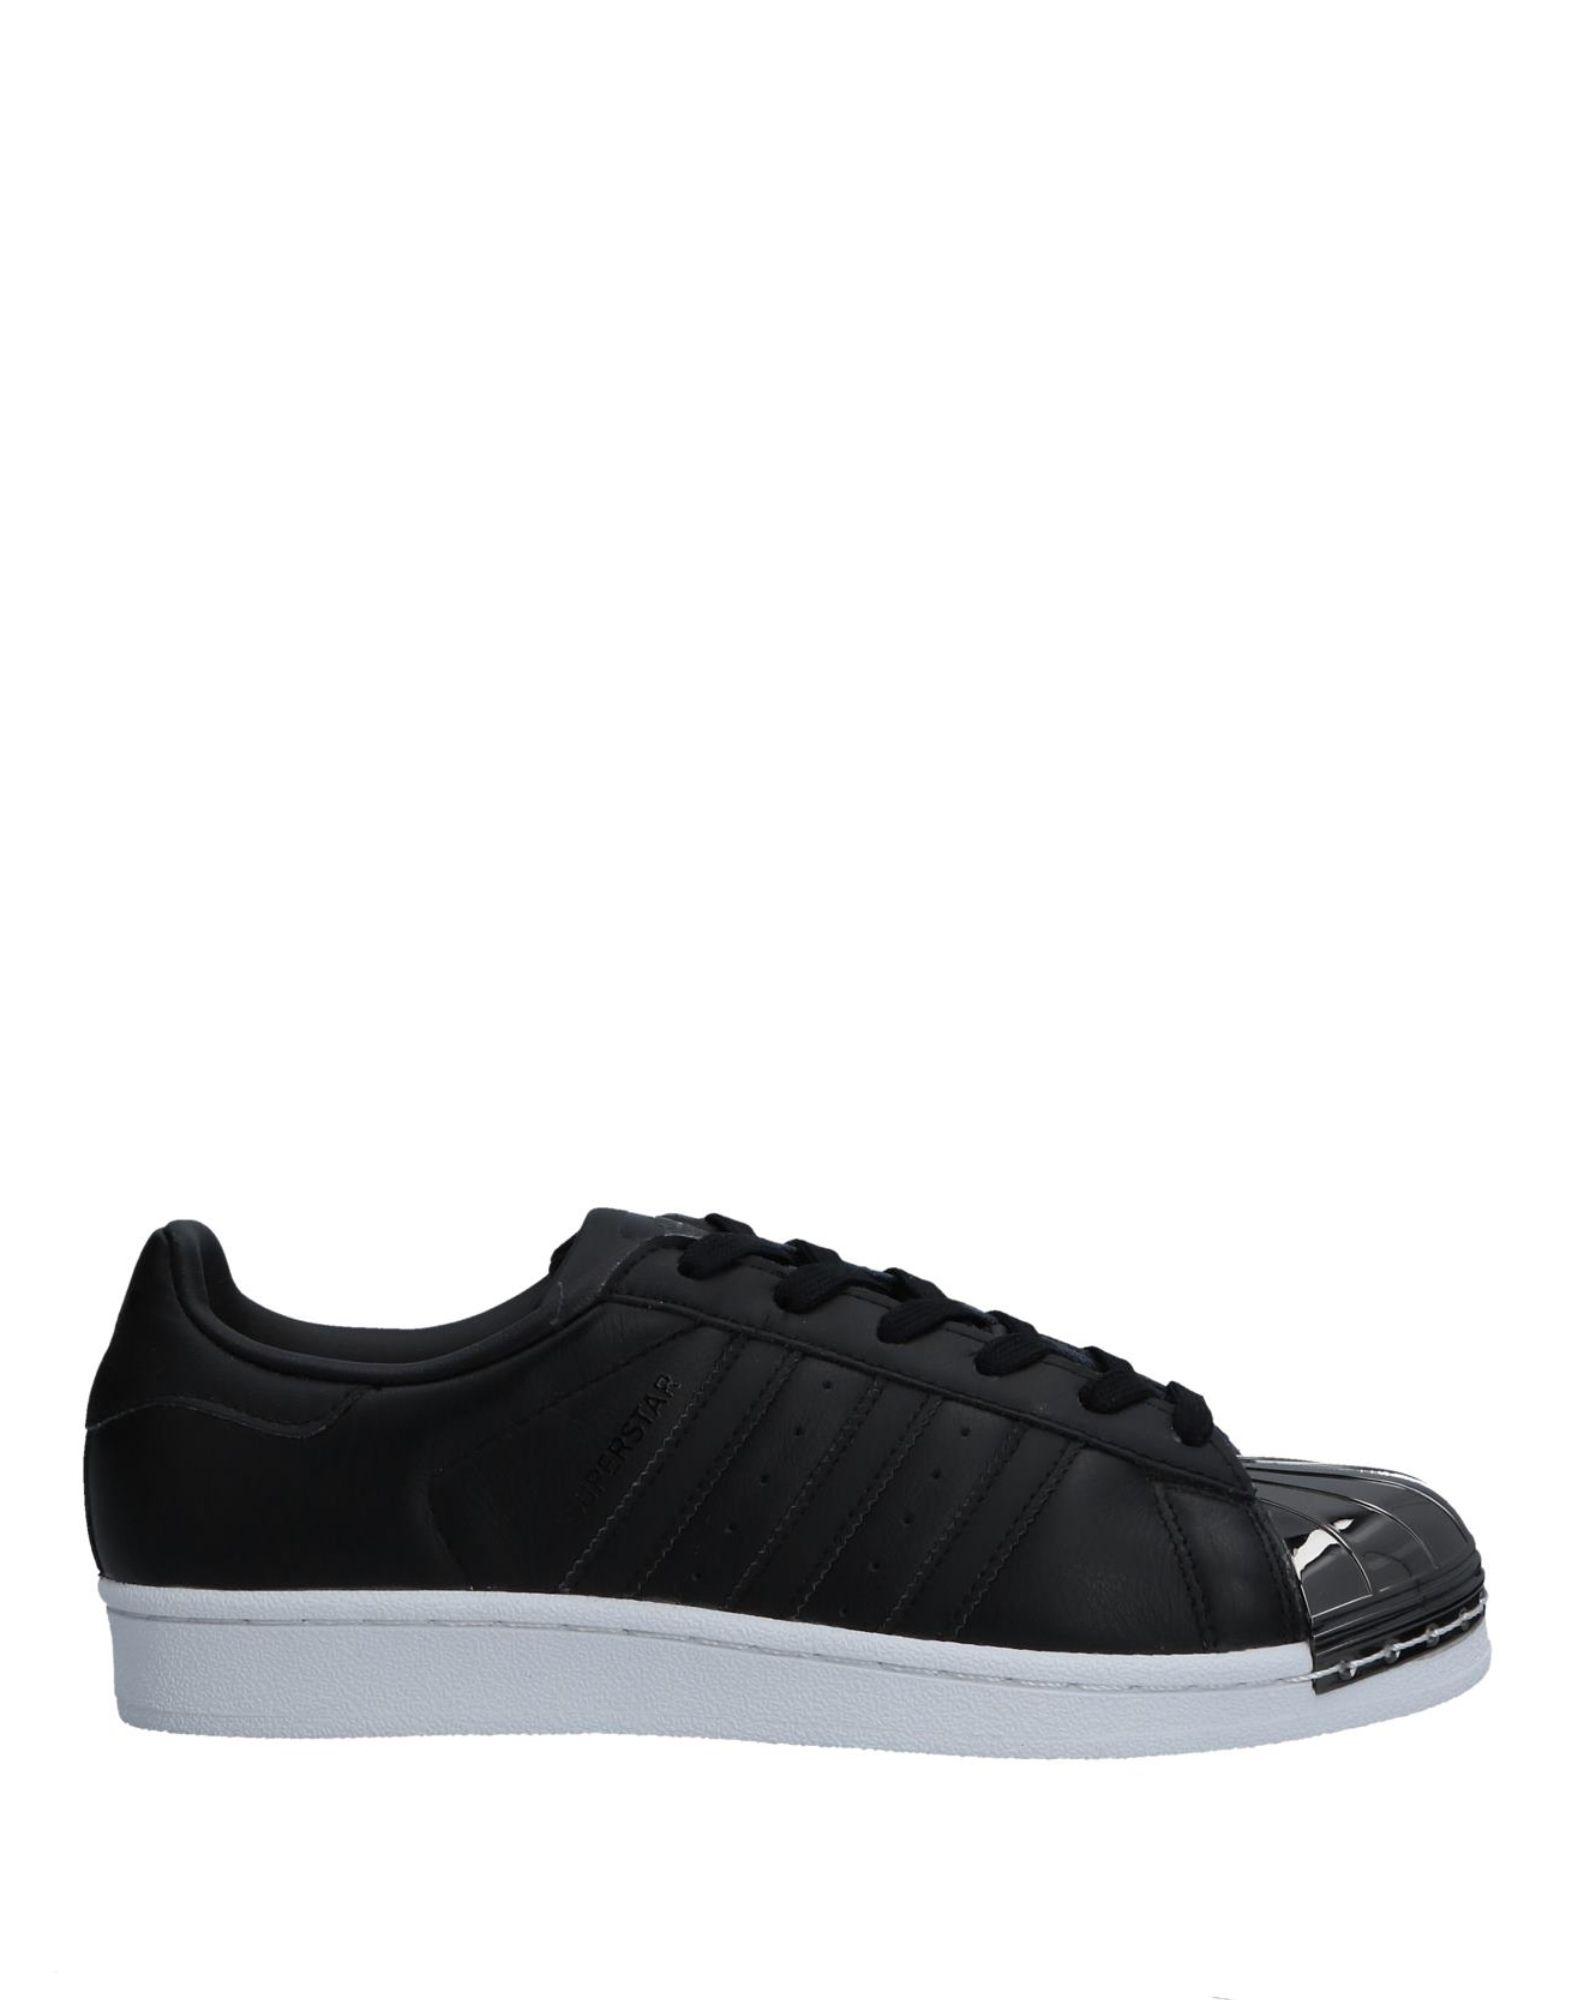 Adidas Originals Sneakers Damen beliebte  11528140CP Gute Qualität beliebte Damen Schuhe 46e2a8